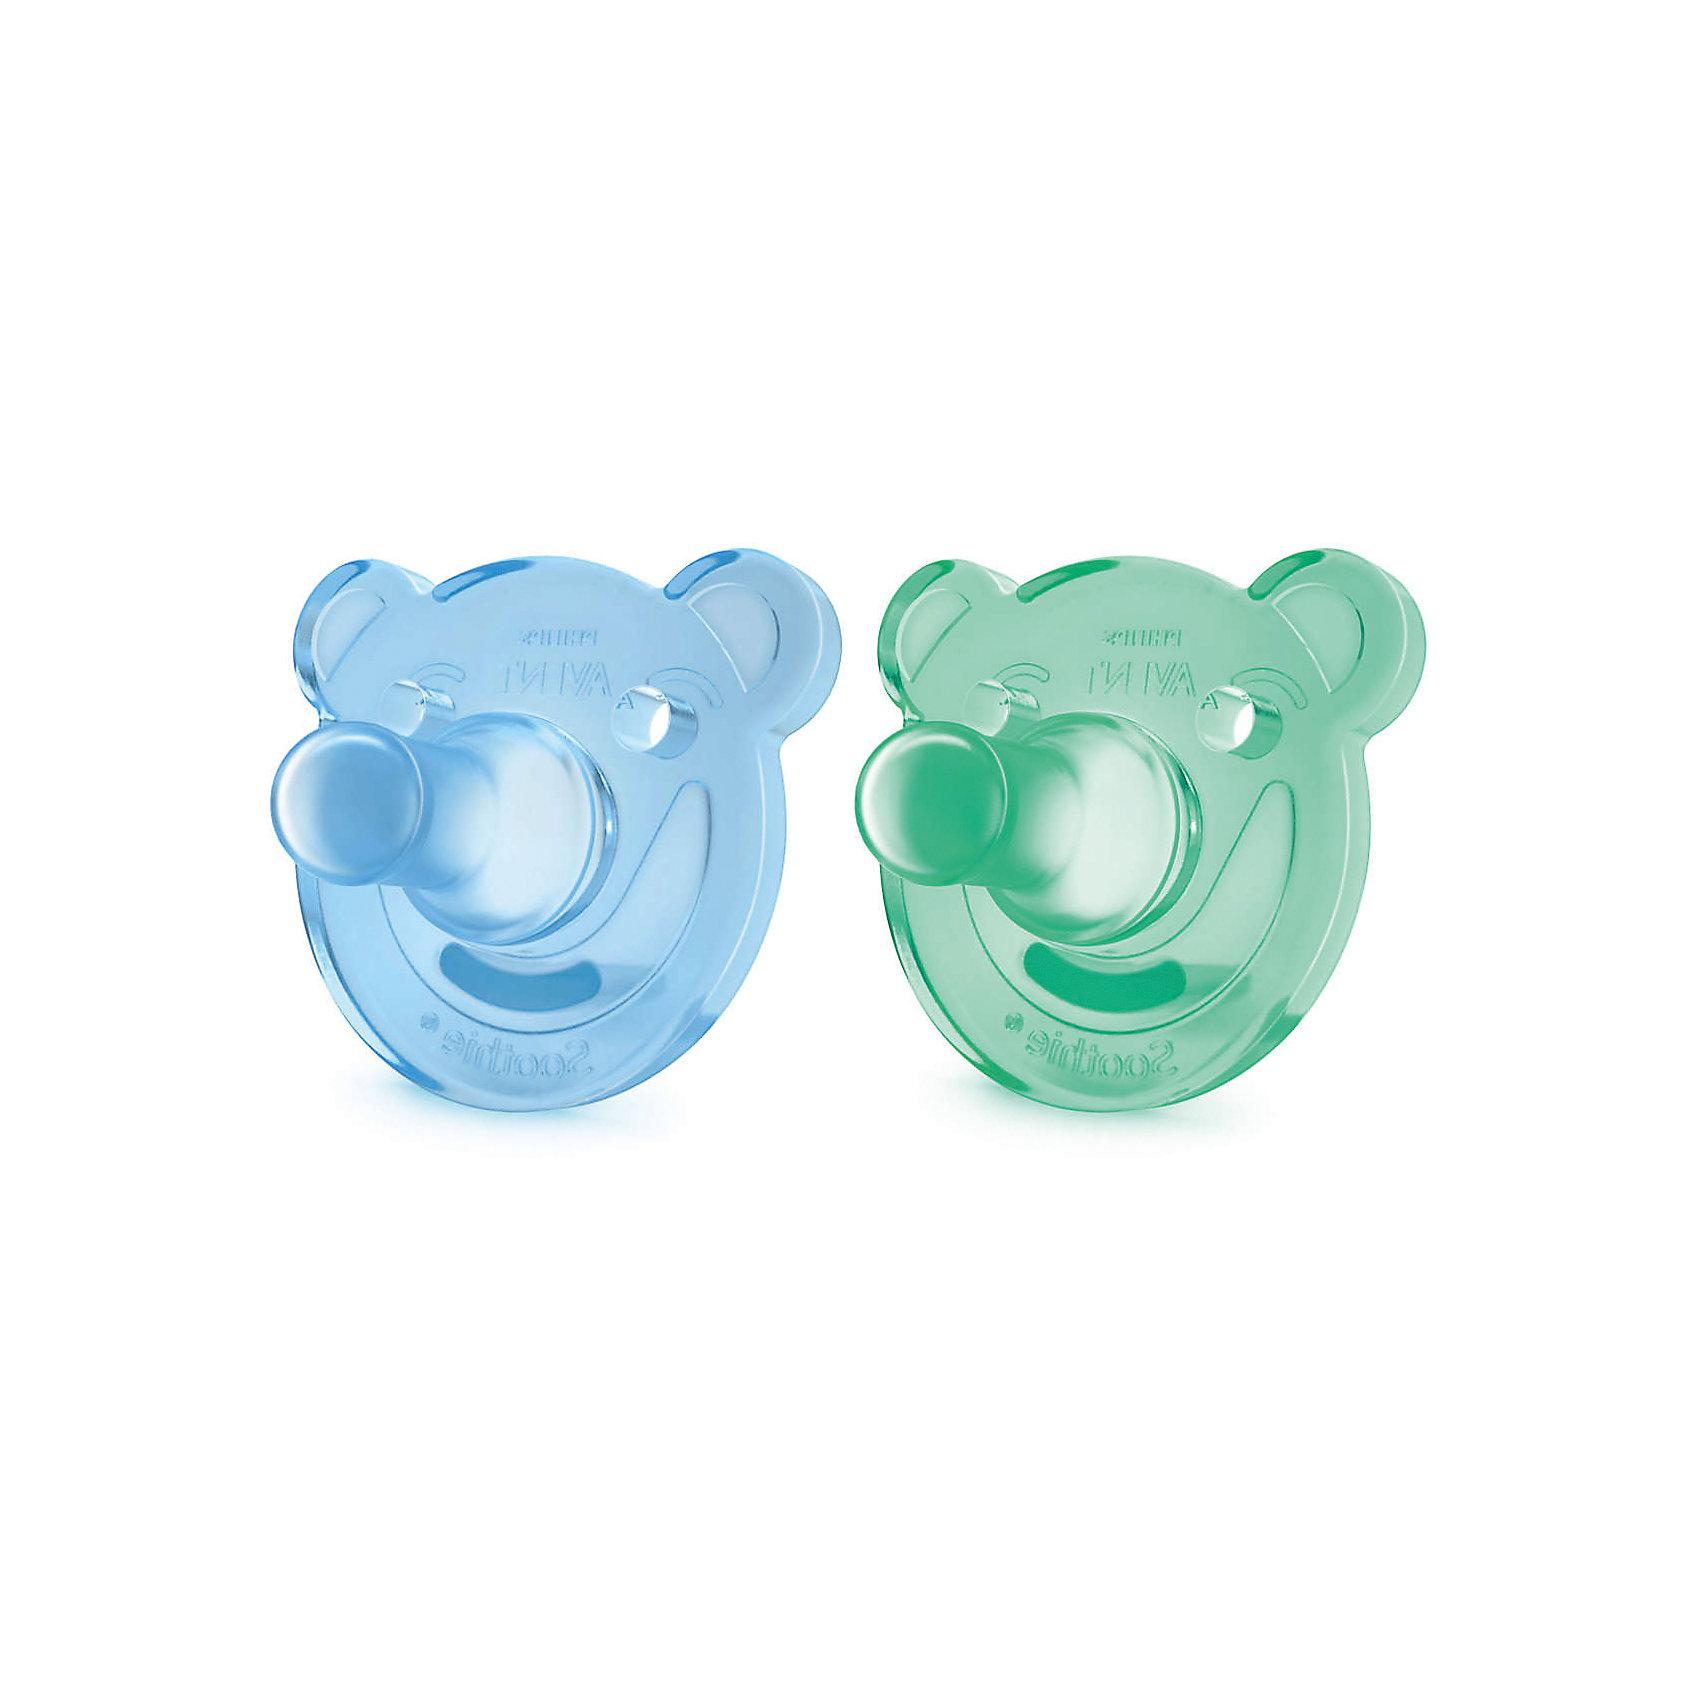 Соска-пустышка с щитком 0-3 мес, 2шт., Philips Avent, зеленый/синий